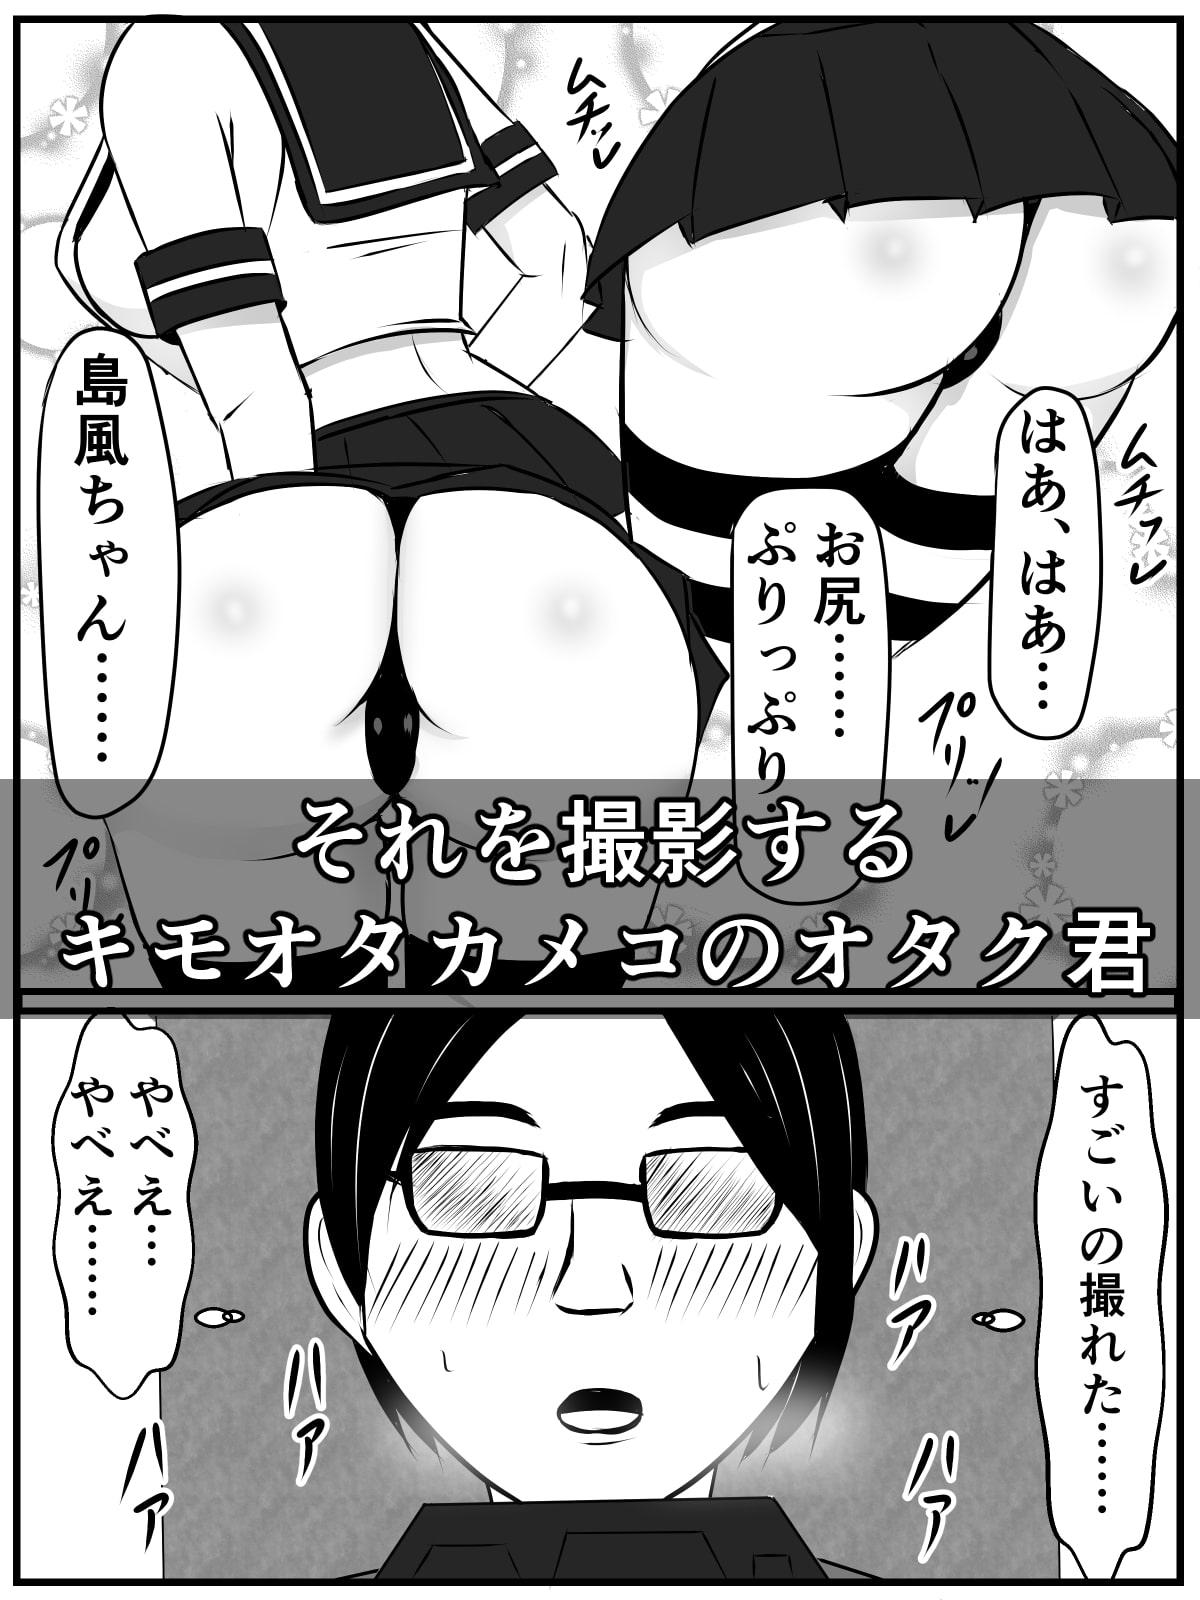 コスプレイヤー島風ちゃんが潜水艦級短小チ〇ポをひっぱたきながら搾る話のサンプル画像